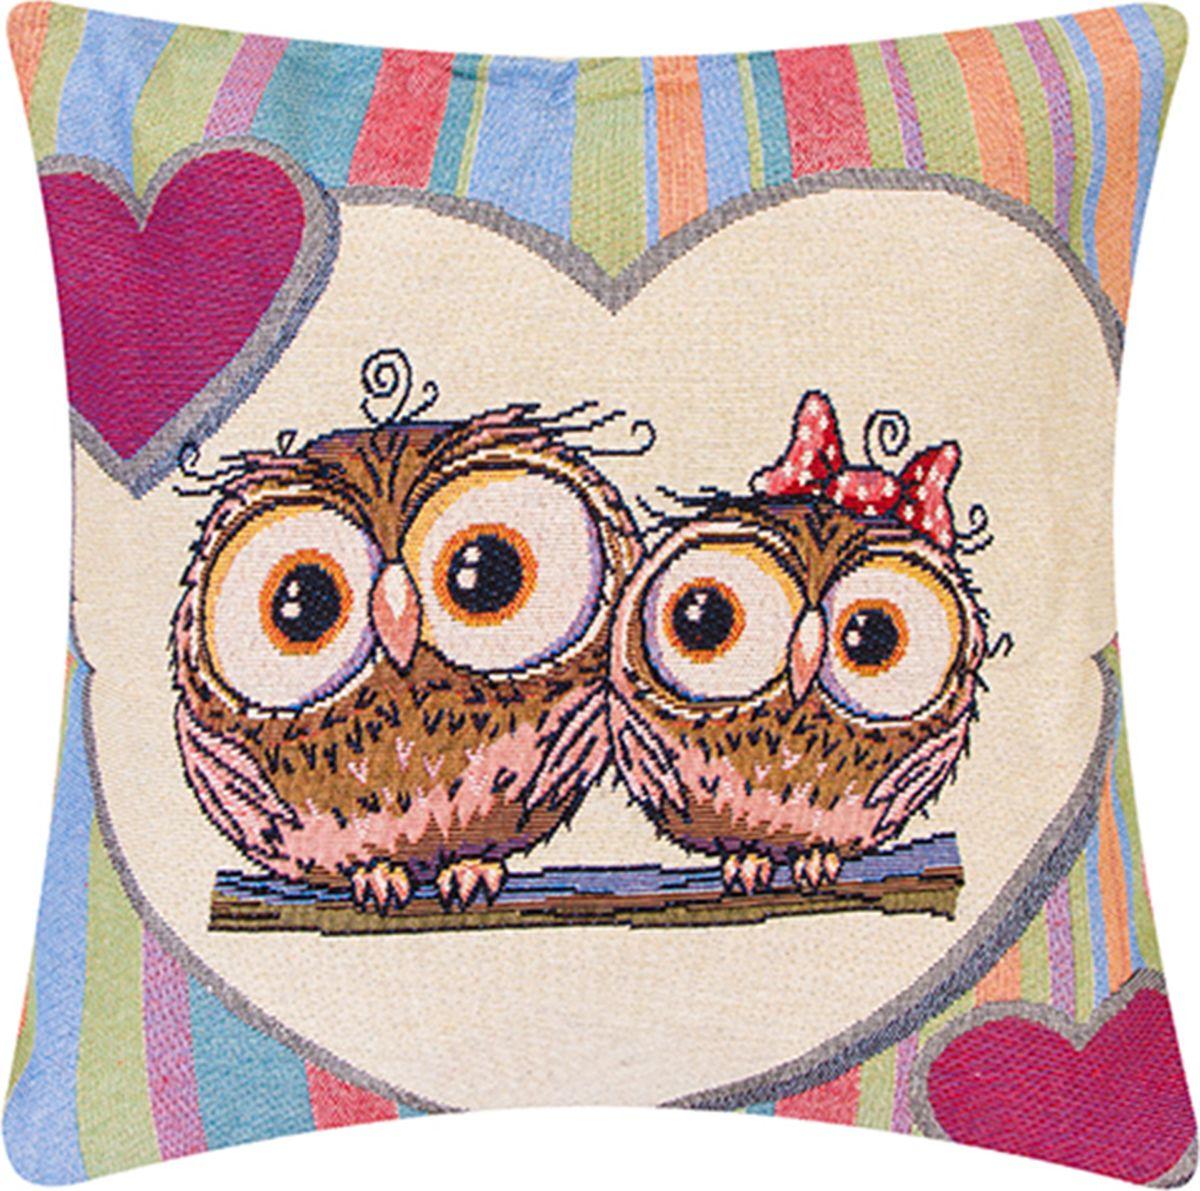 Подушка декоративная EL Casa Влюбленные совы с сердцами, 43 x 43 см171699Декоративная подушка прекрасно дополнит интерьер спальни или гостиной. Состав наволочки: лен -50%, полиэстер-50%. Она легко снимается, благодаря молнии. Внутри подушки находится мягкий наполнитель.